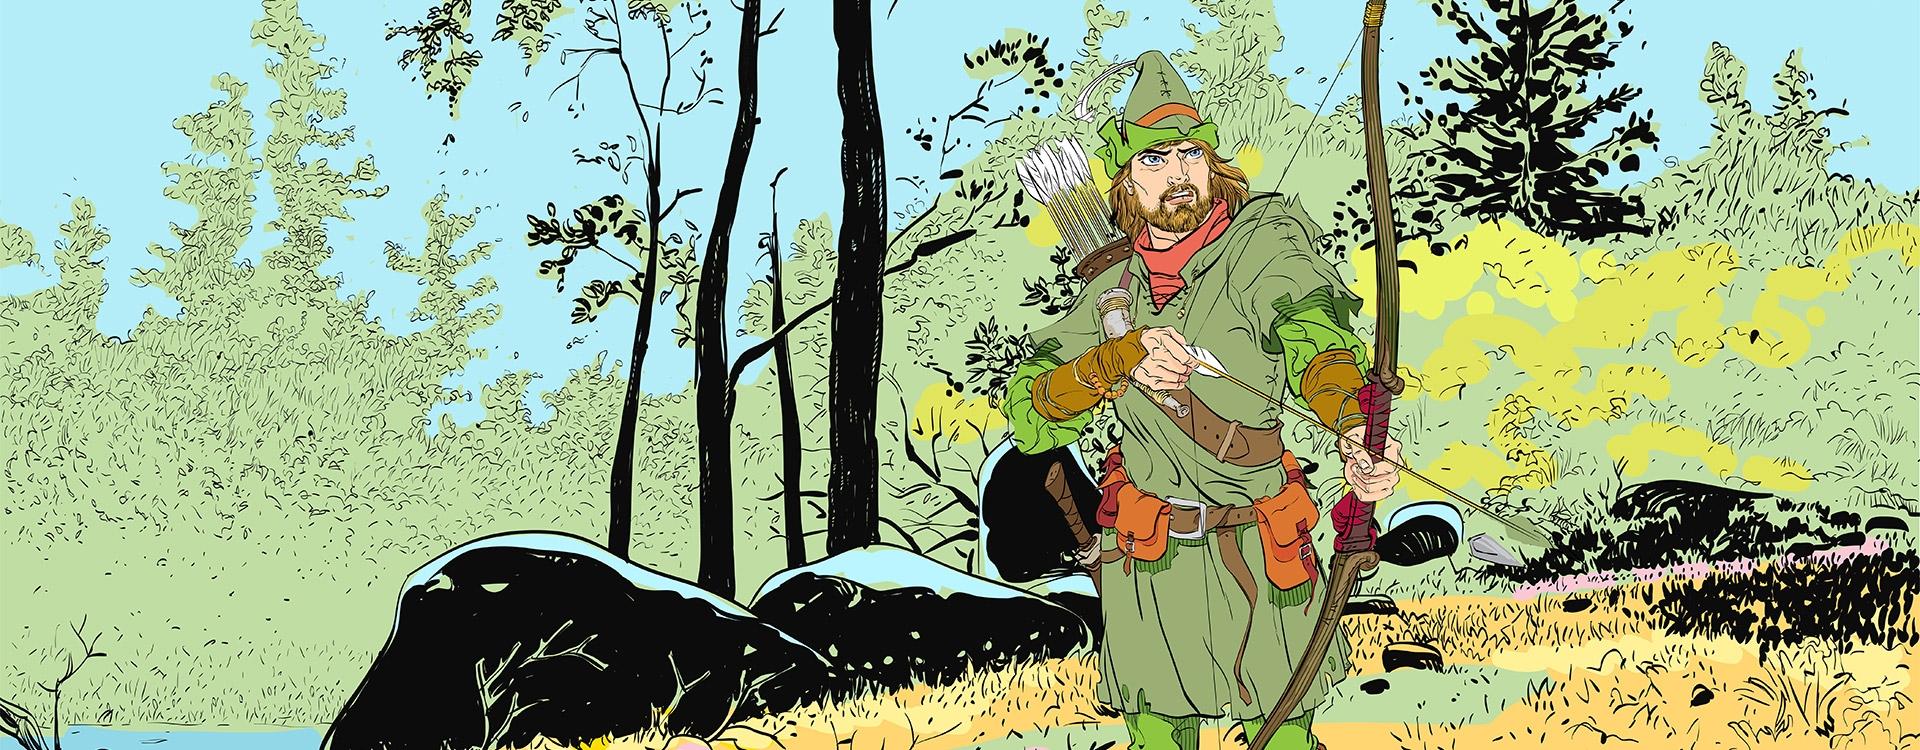 Robin Hood (B1)